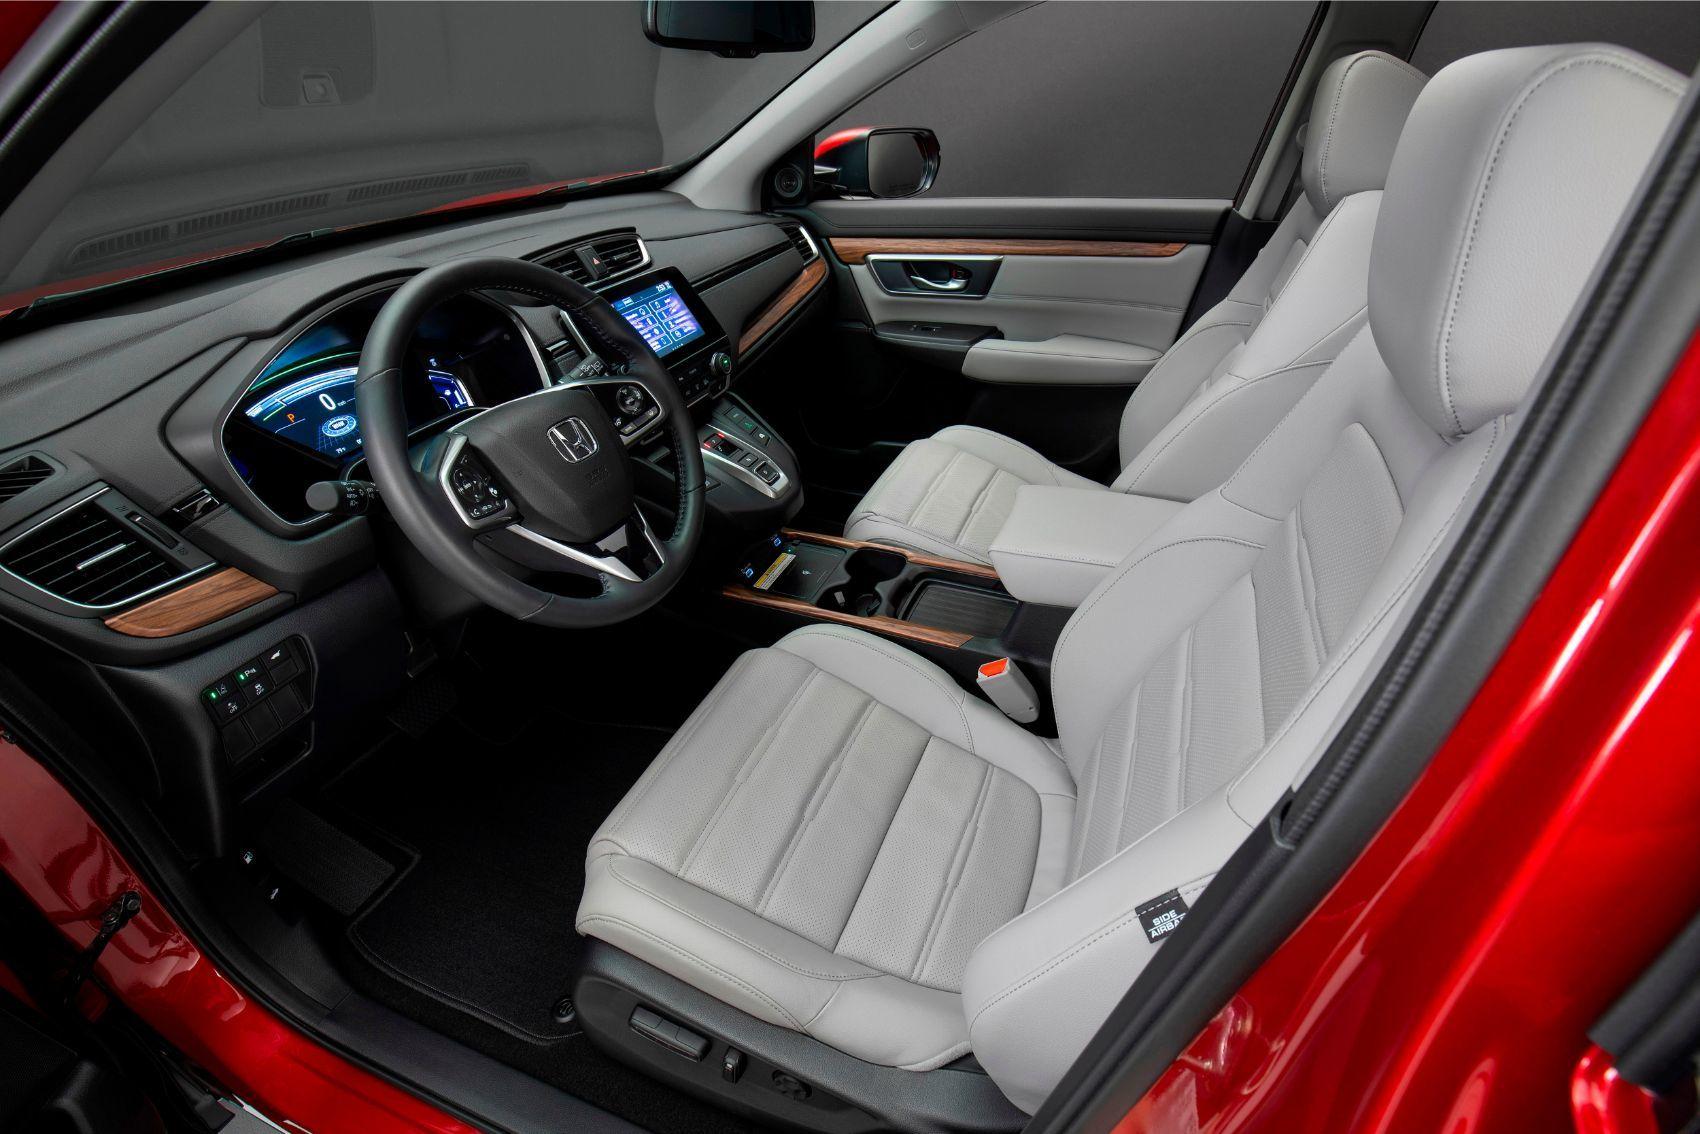 Honda Greensburg Indiana >> 2020 Honda CR-V Hybrid: Better Late Than Never